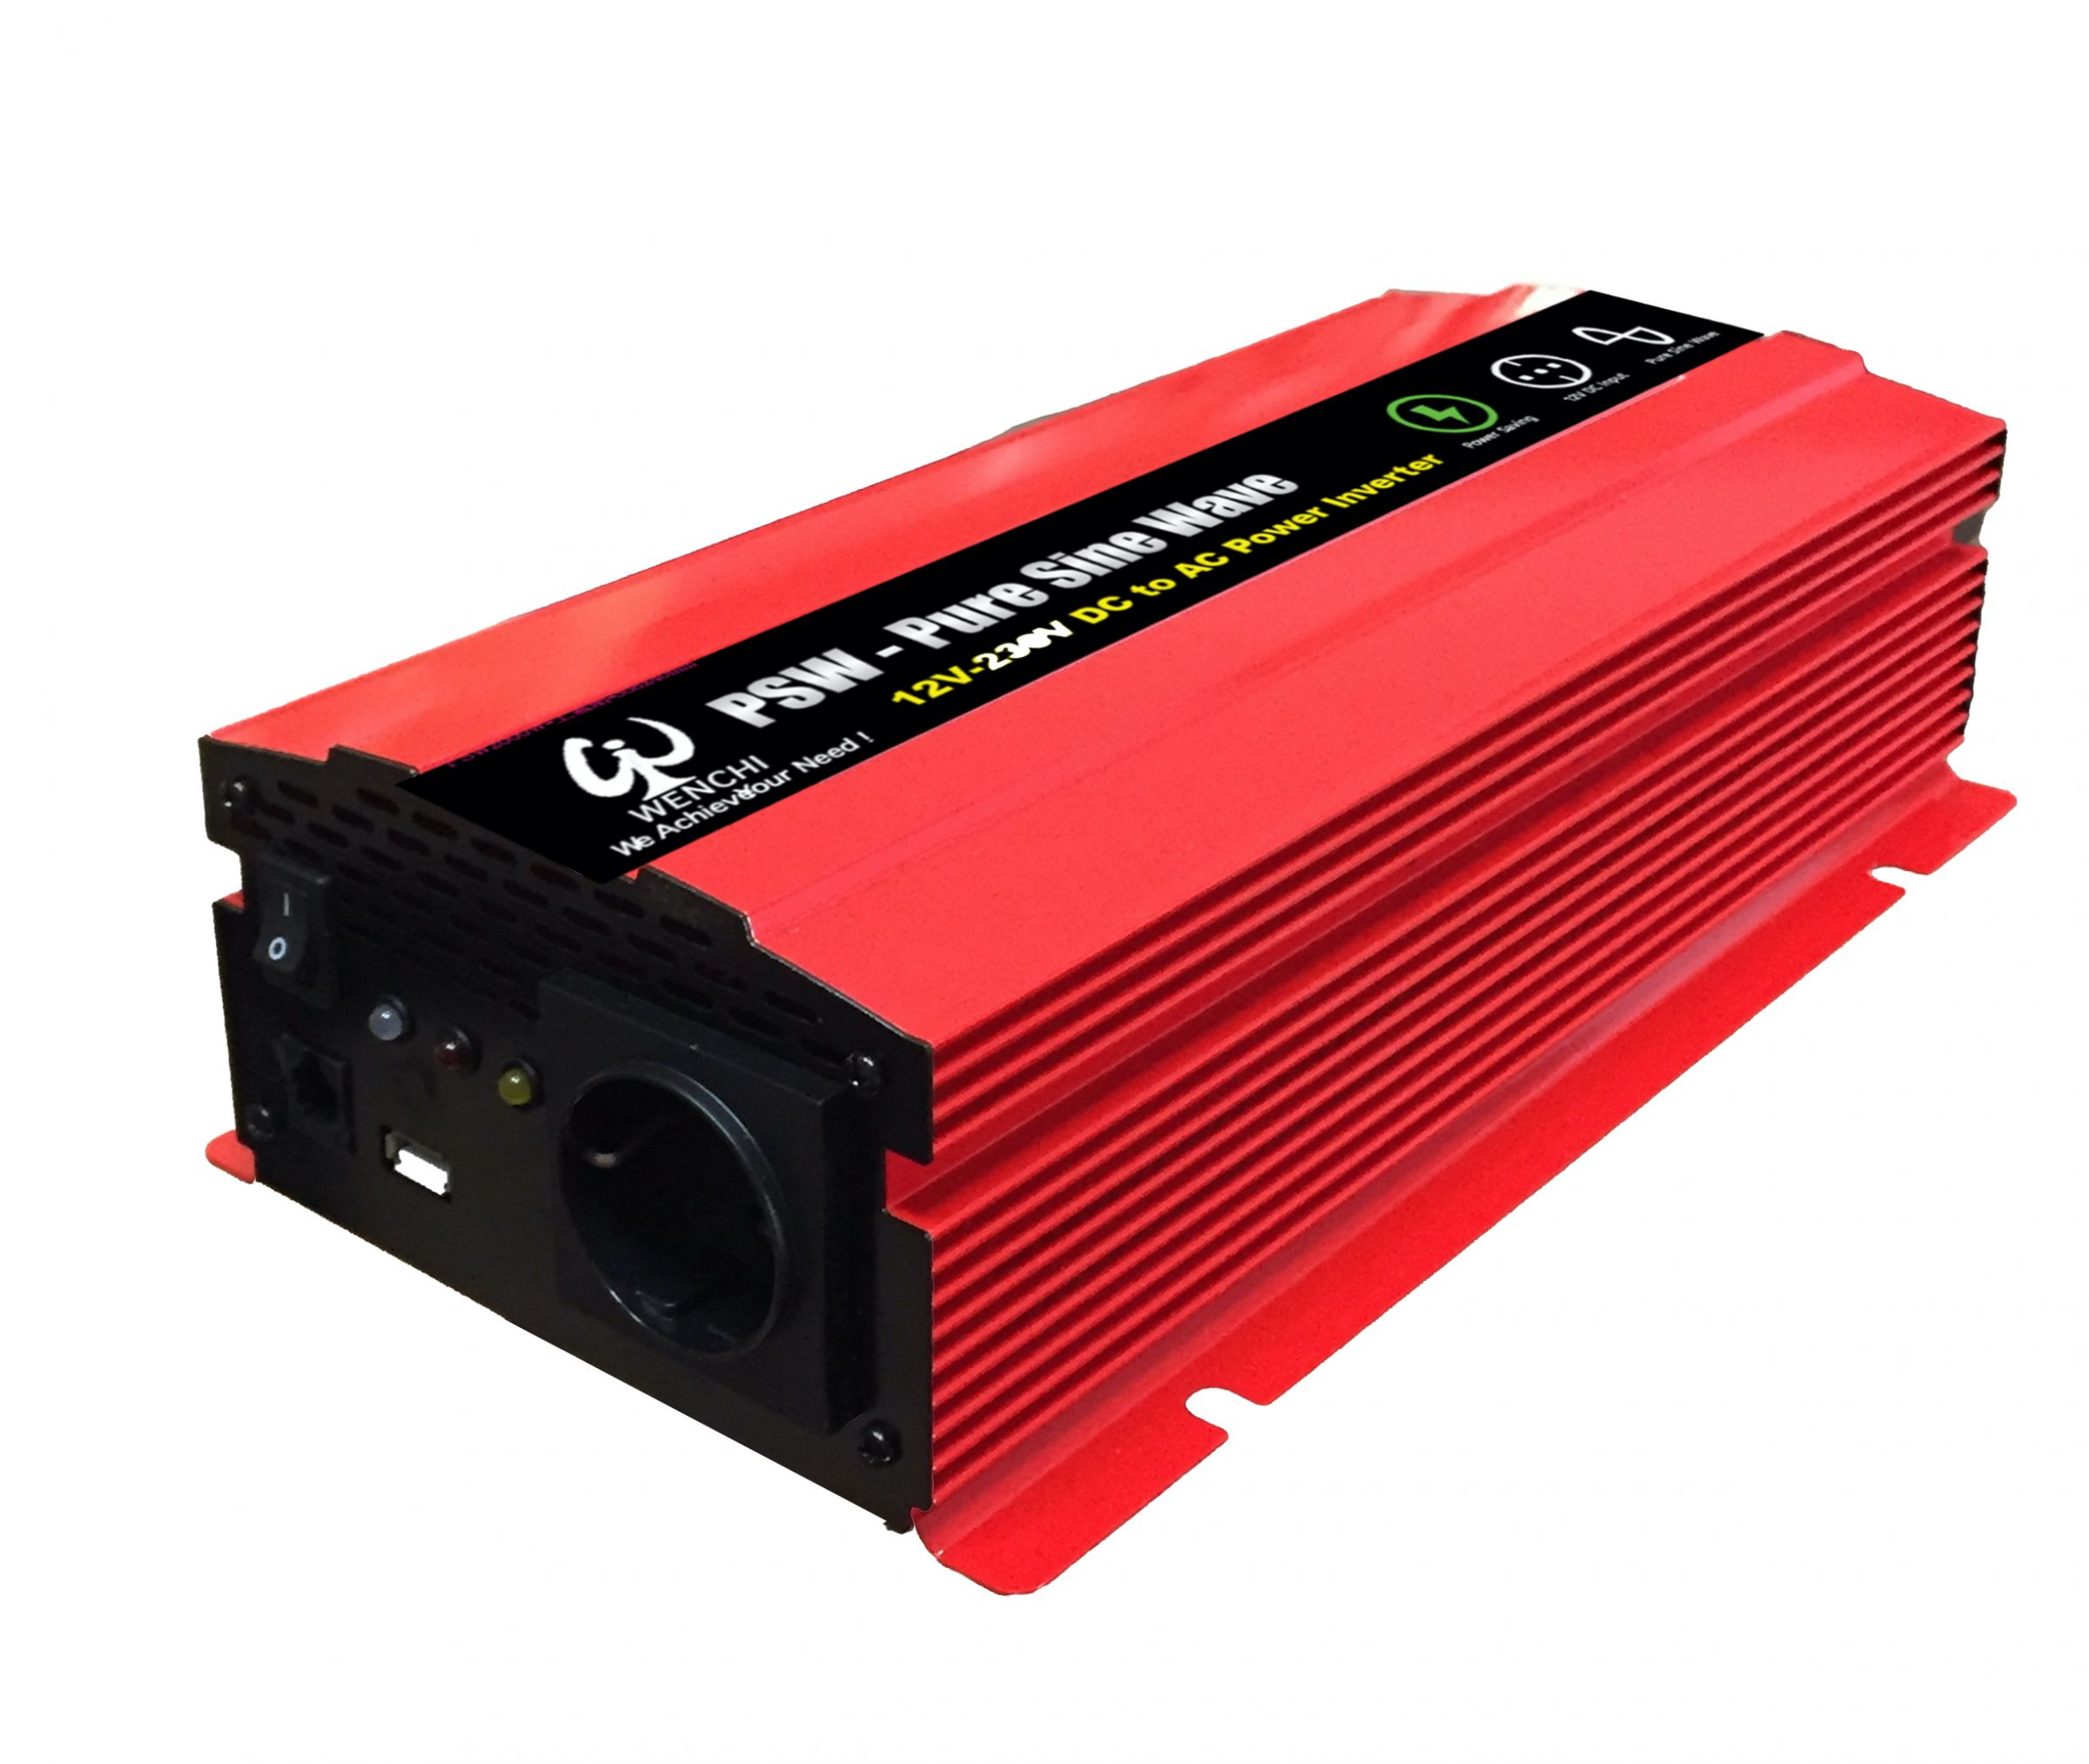 Wechselrichter Modifizierter Sinus Wechselrichter 220V LCD Digital 1000W Auto Wechselrichter USB Ladeger/ät Modifizierter Sinus Wechselrichter 12V